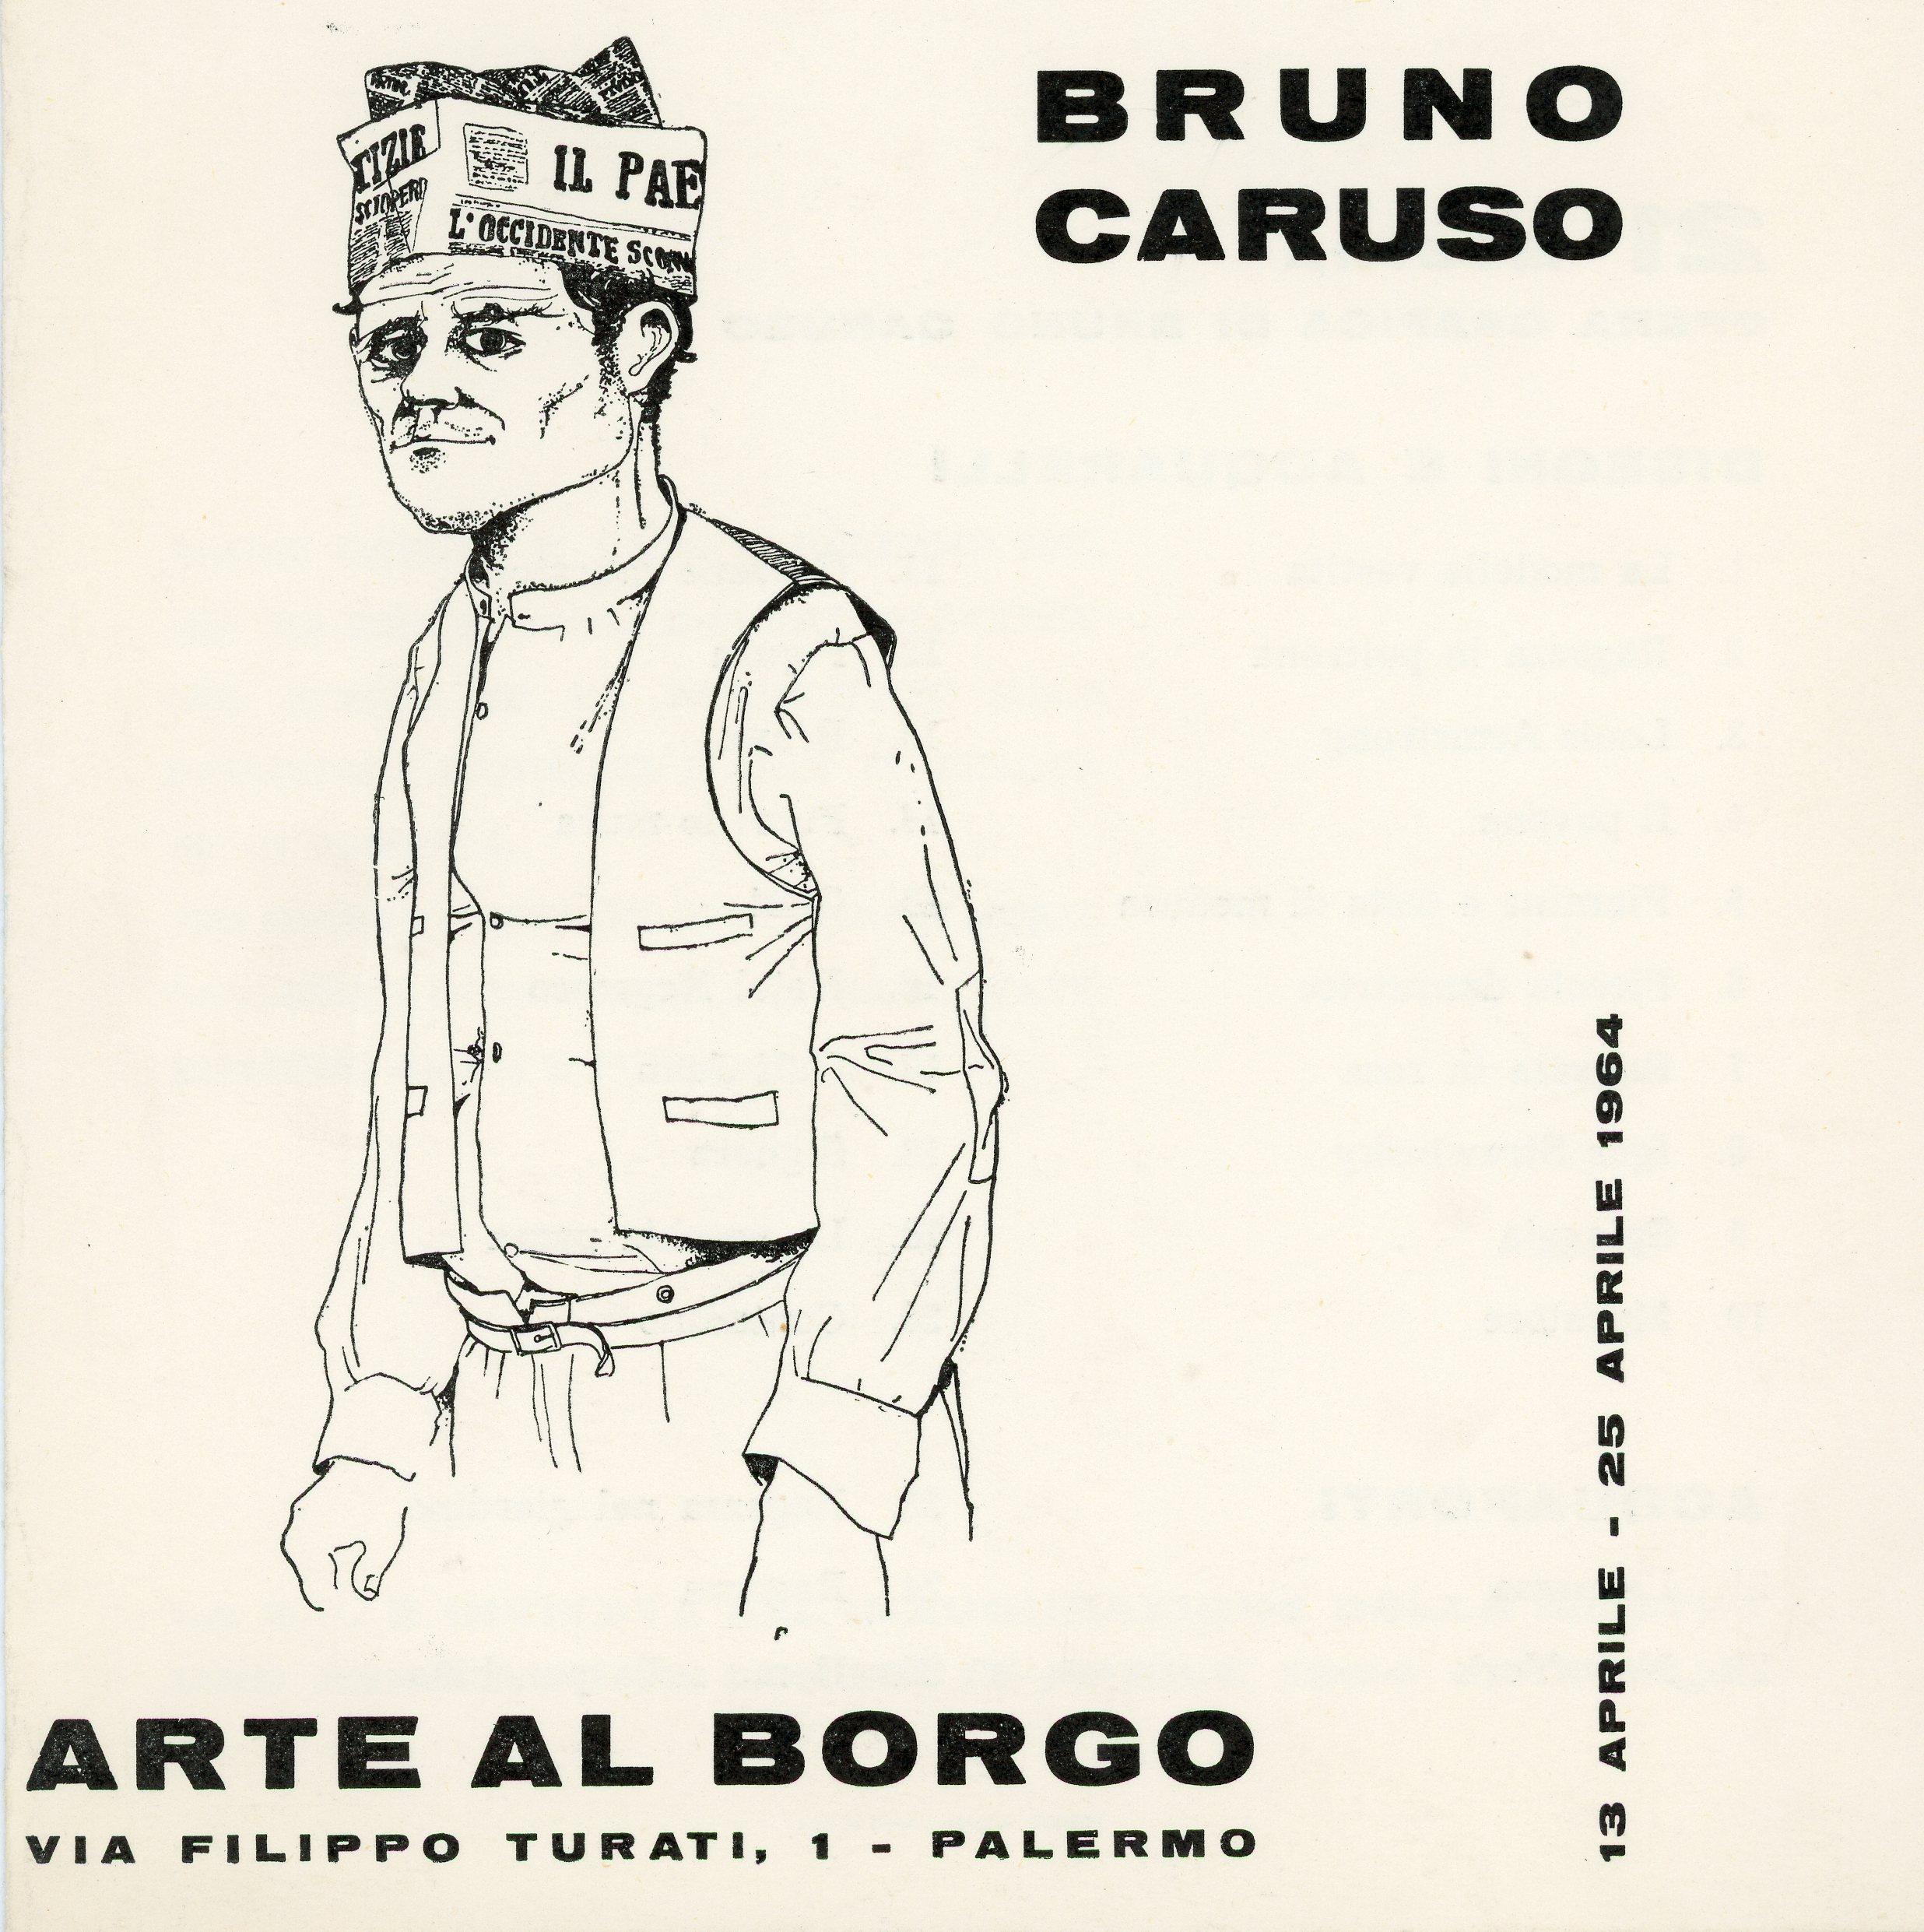 1964-04 Arte al Borgo - Bruno Caruso_01.jpg